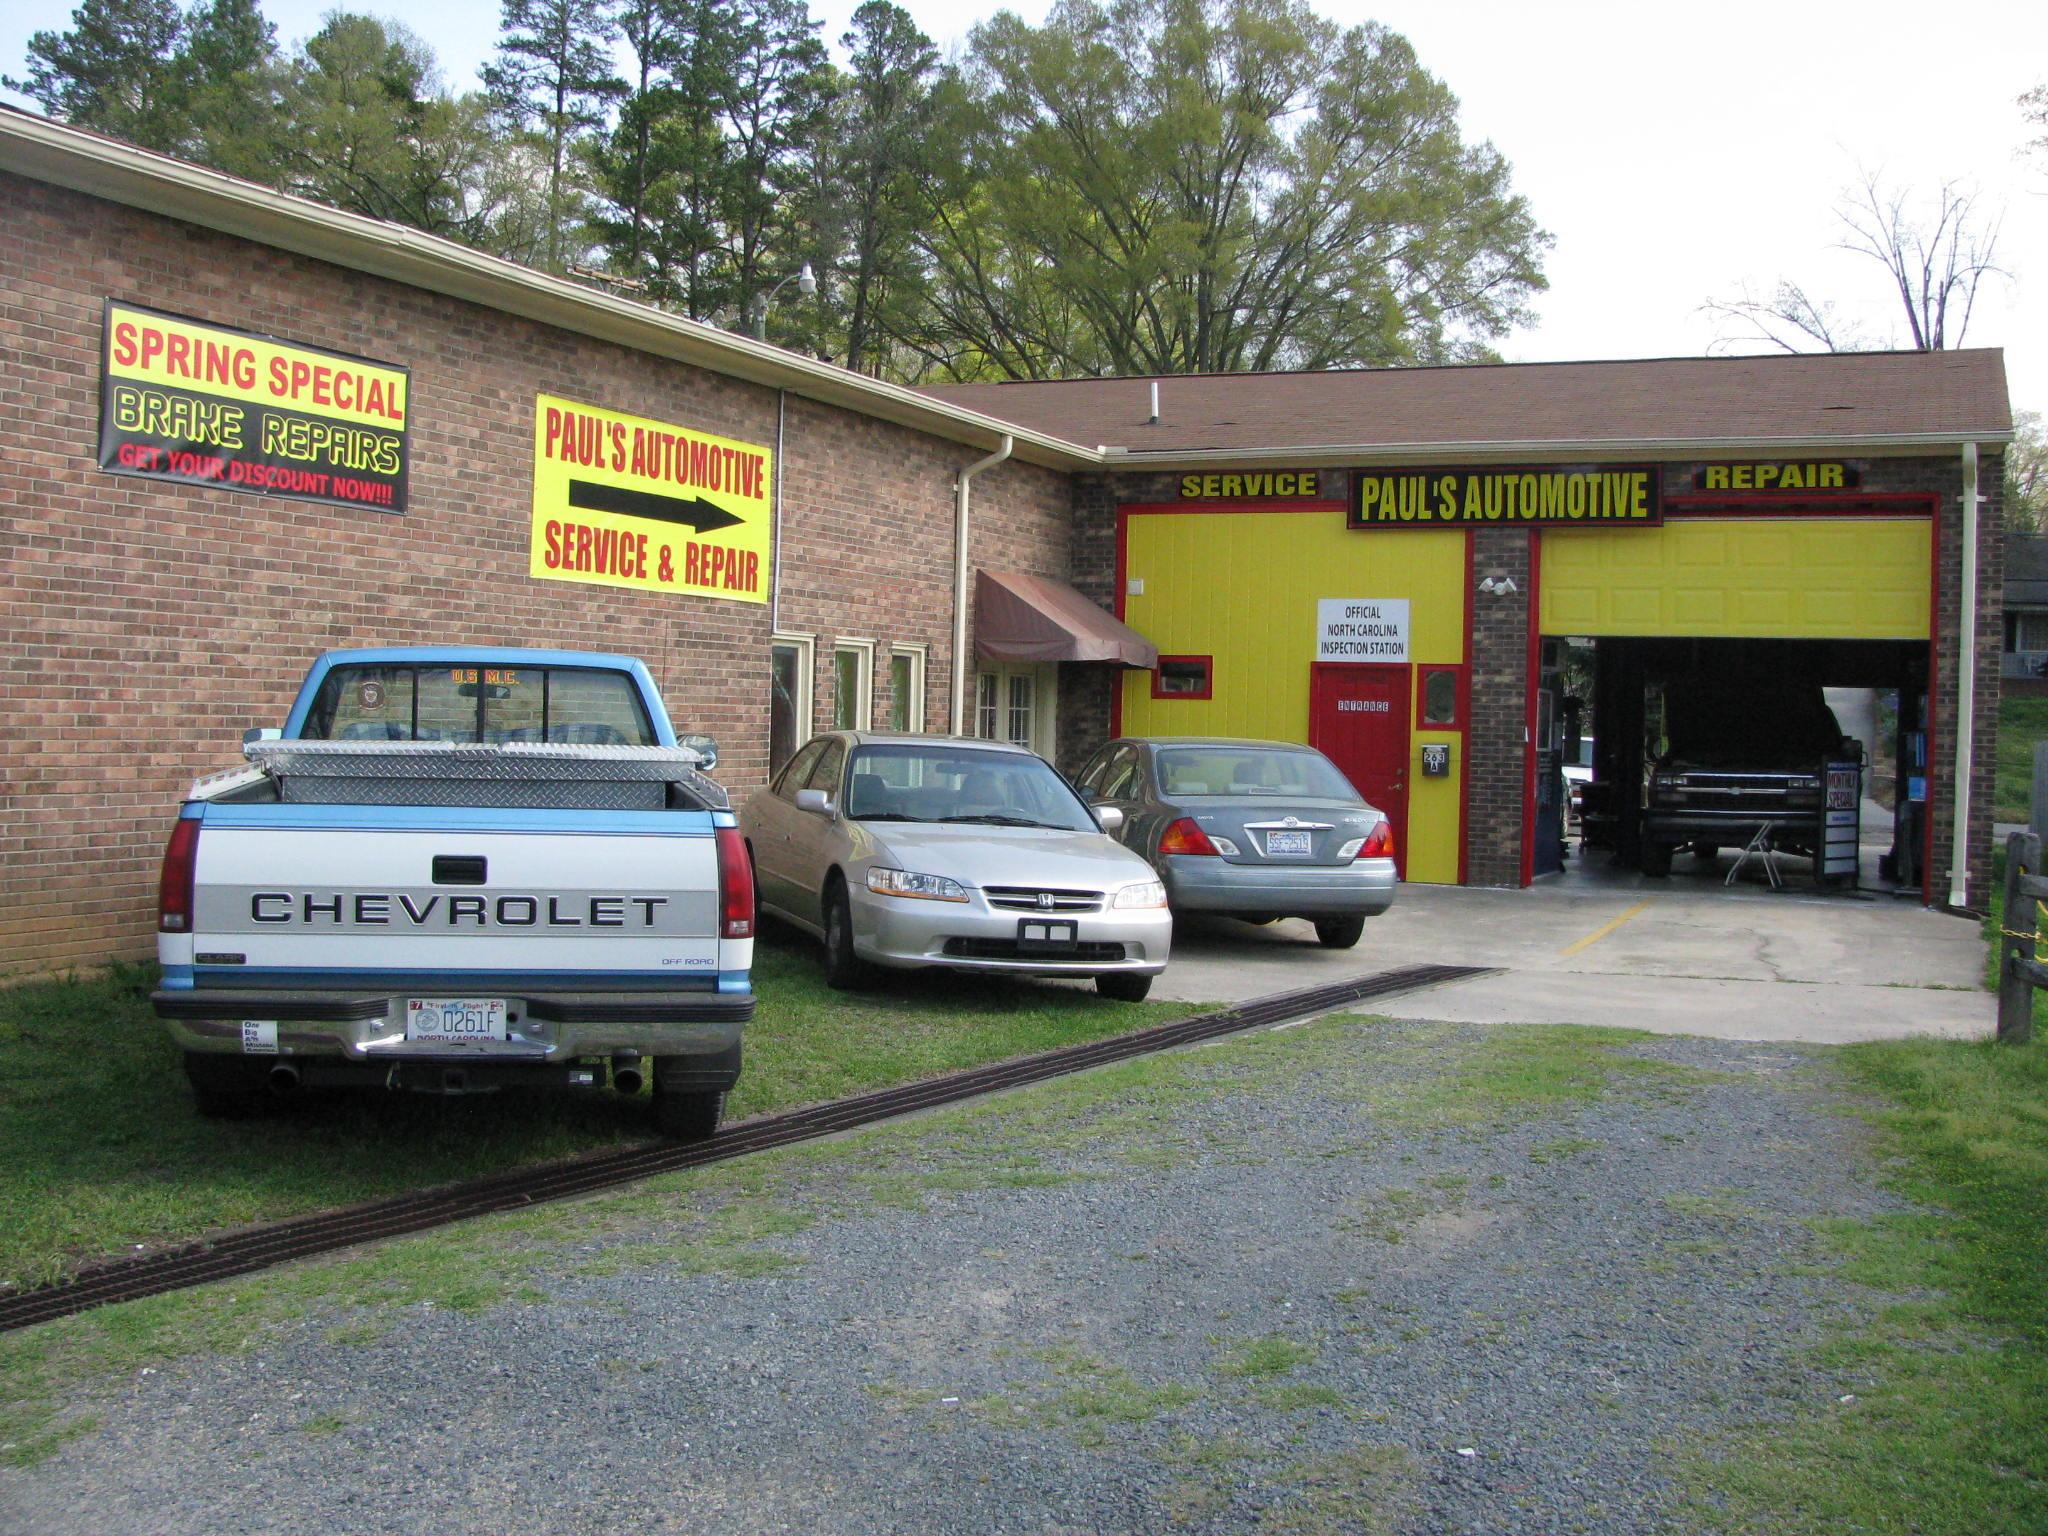 Paul's Automotive Service & Repair image 4